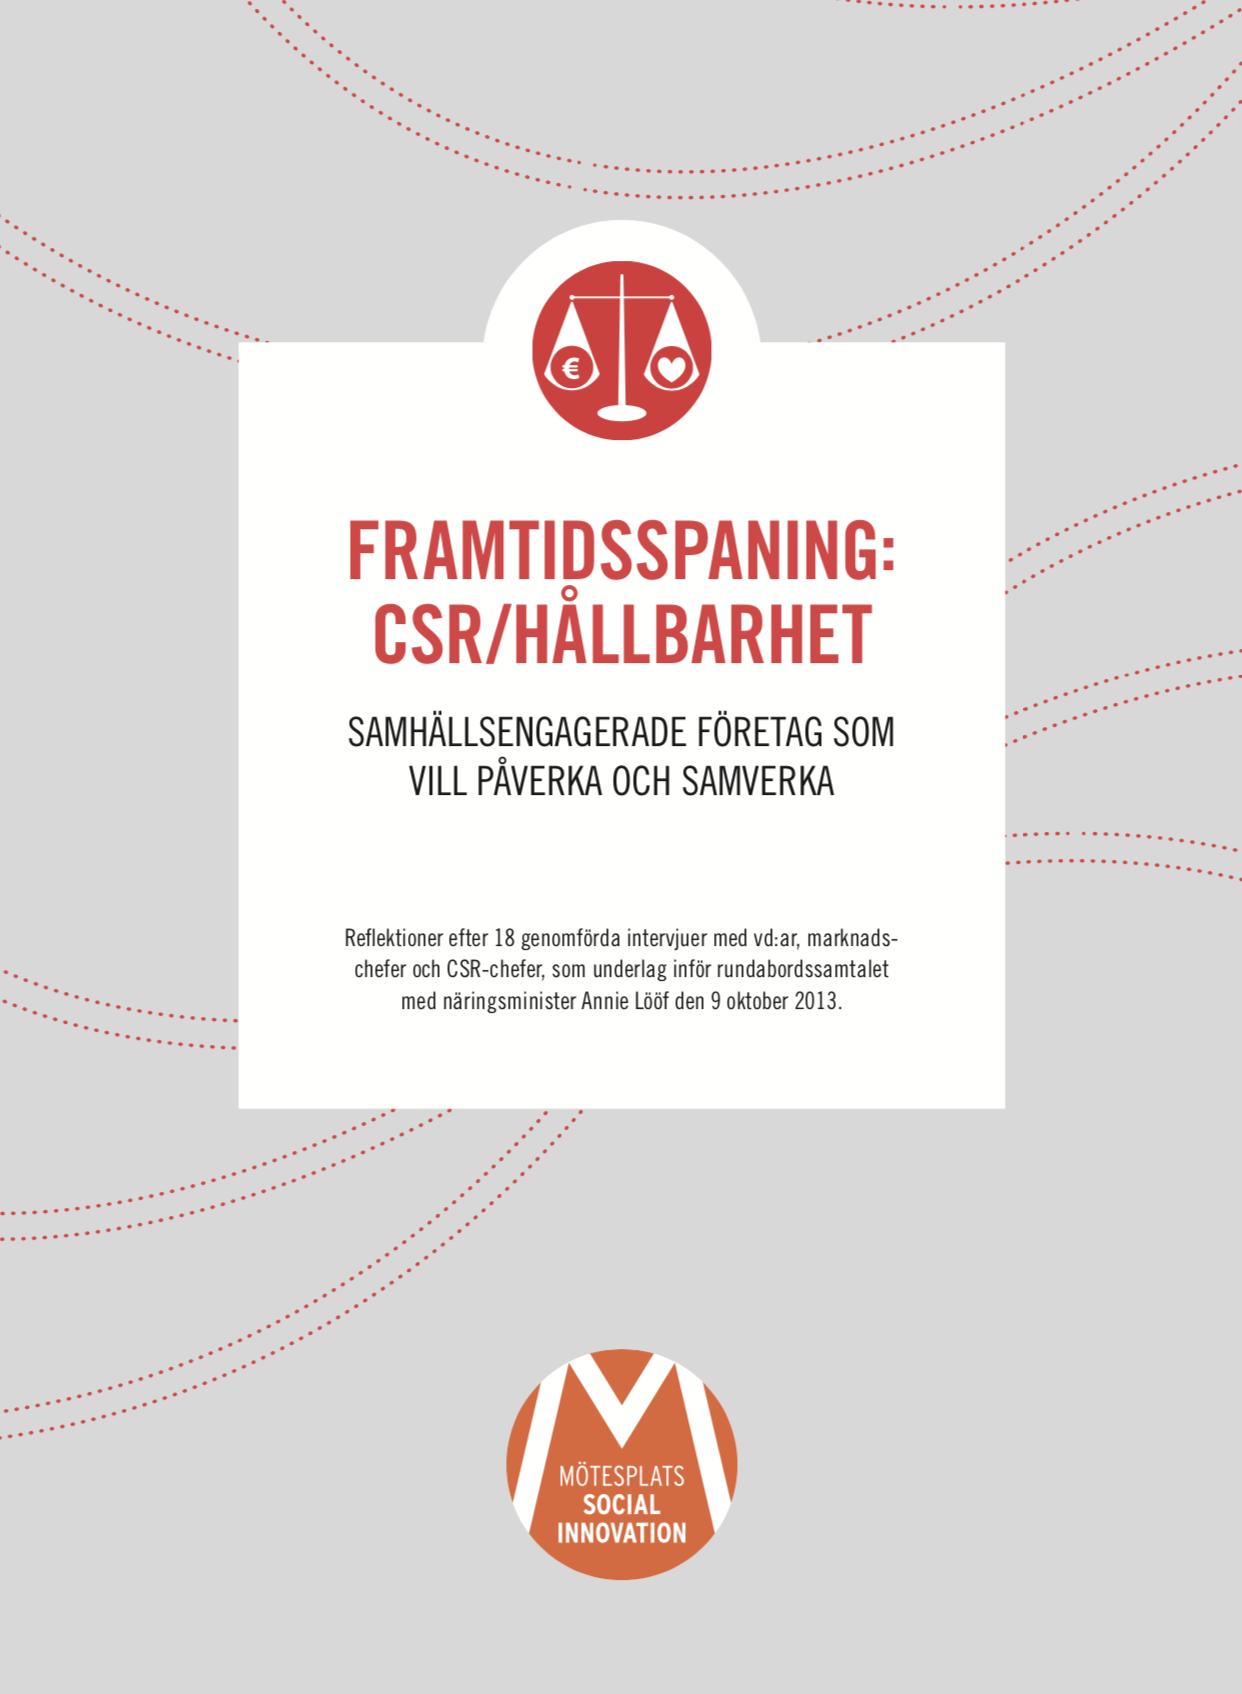 Framtidsspaning: CSR/Hållbarhet (2013)